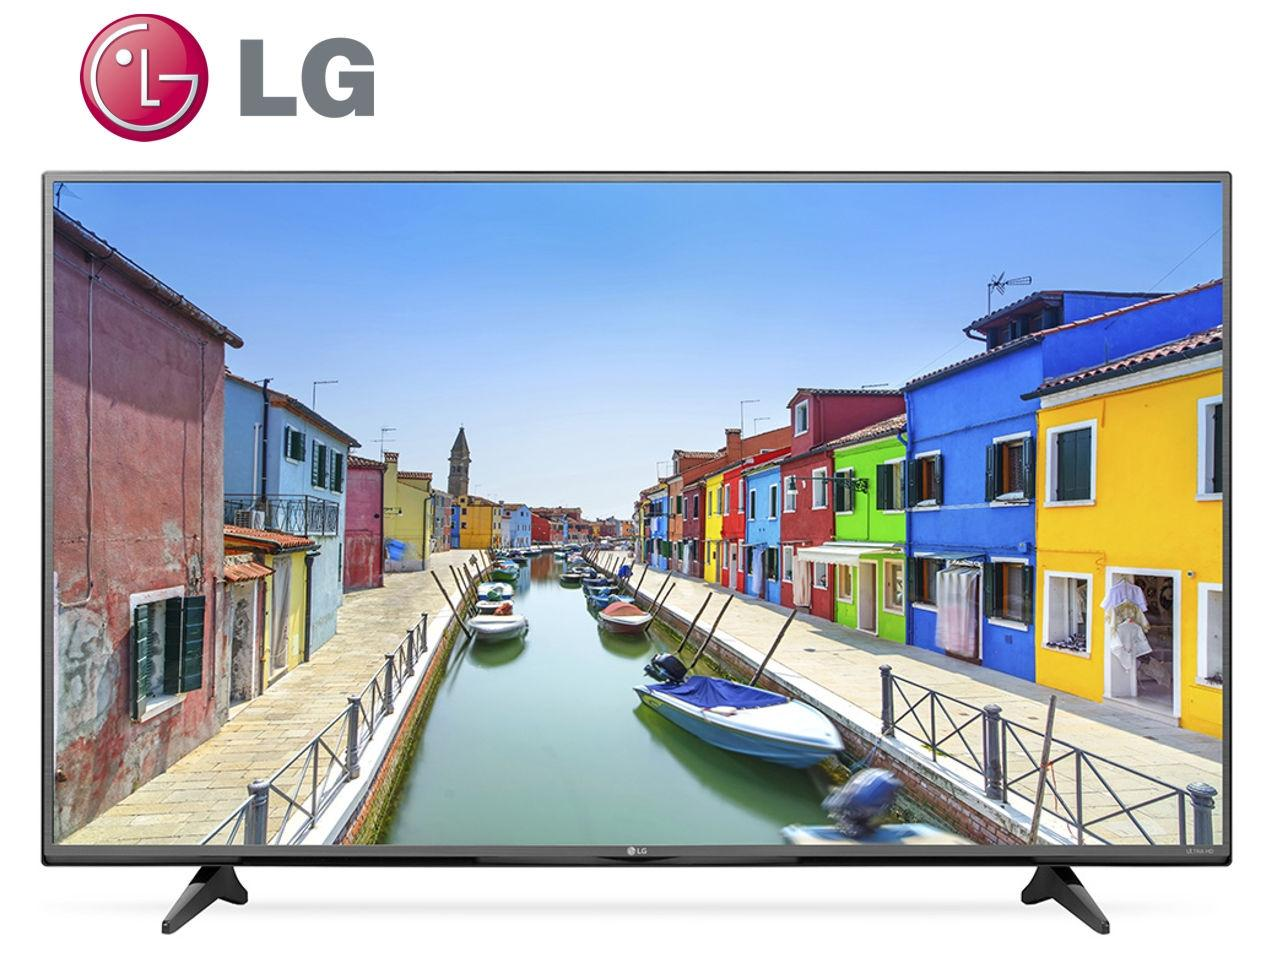 LG 55UF6809 + 700 Kč na dárky nebo další nákup | CHAT on-line podpora PO-PÁ 8-22.00!!